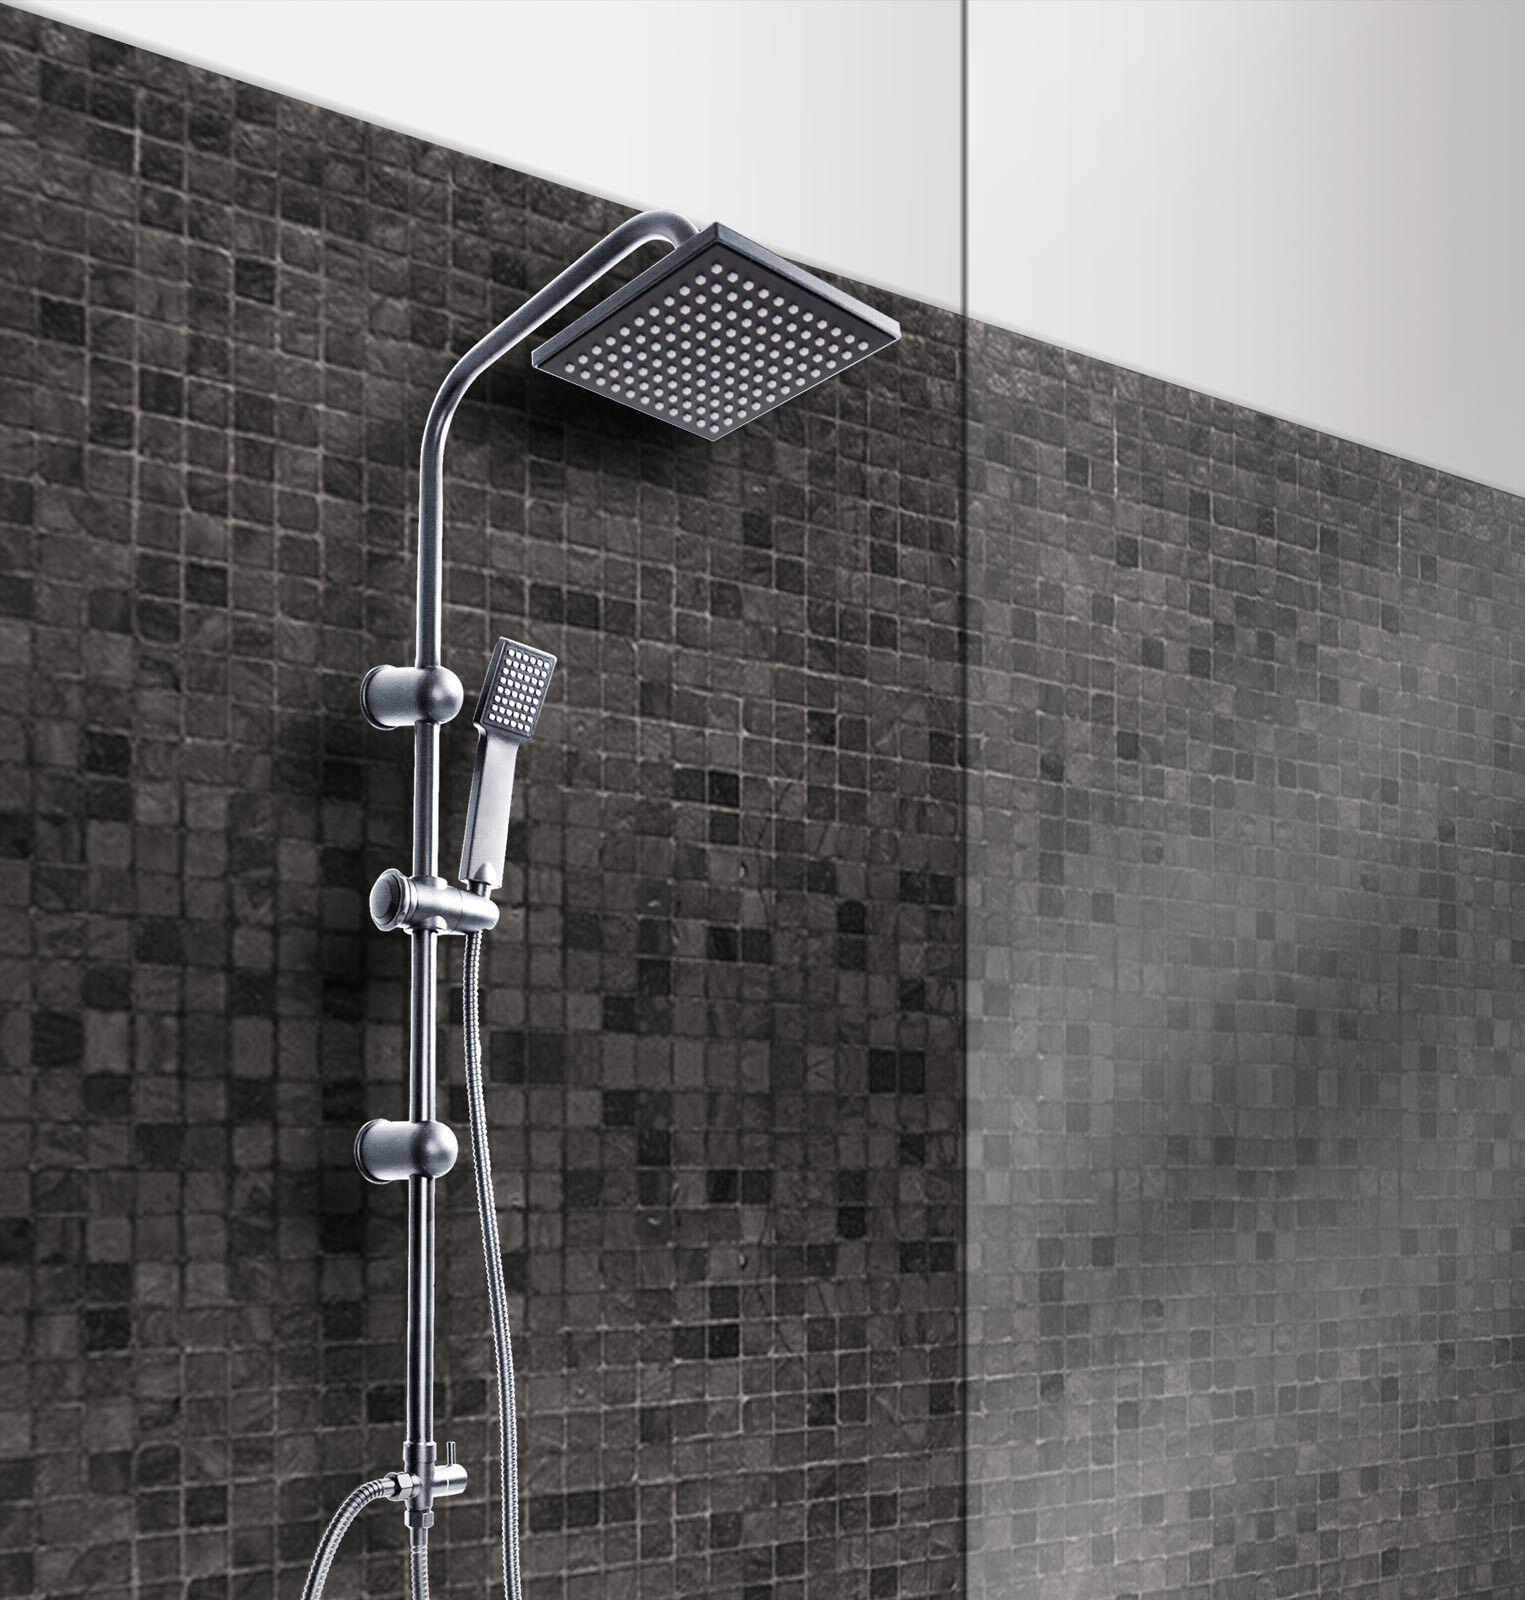 Grafner Duschgarnitur Duschstange Duschstange Duschstange Handbrause Duscharmatur Regendusche Duschset | Spielen Sie das Beste  | Reparieren  | Charmantes Design  | ein guter Ruf in der Welt  a50cb5